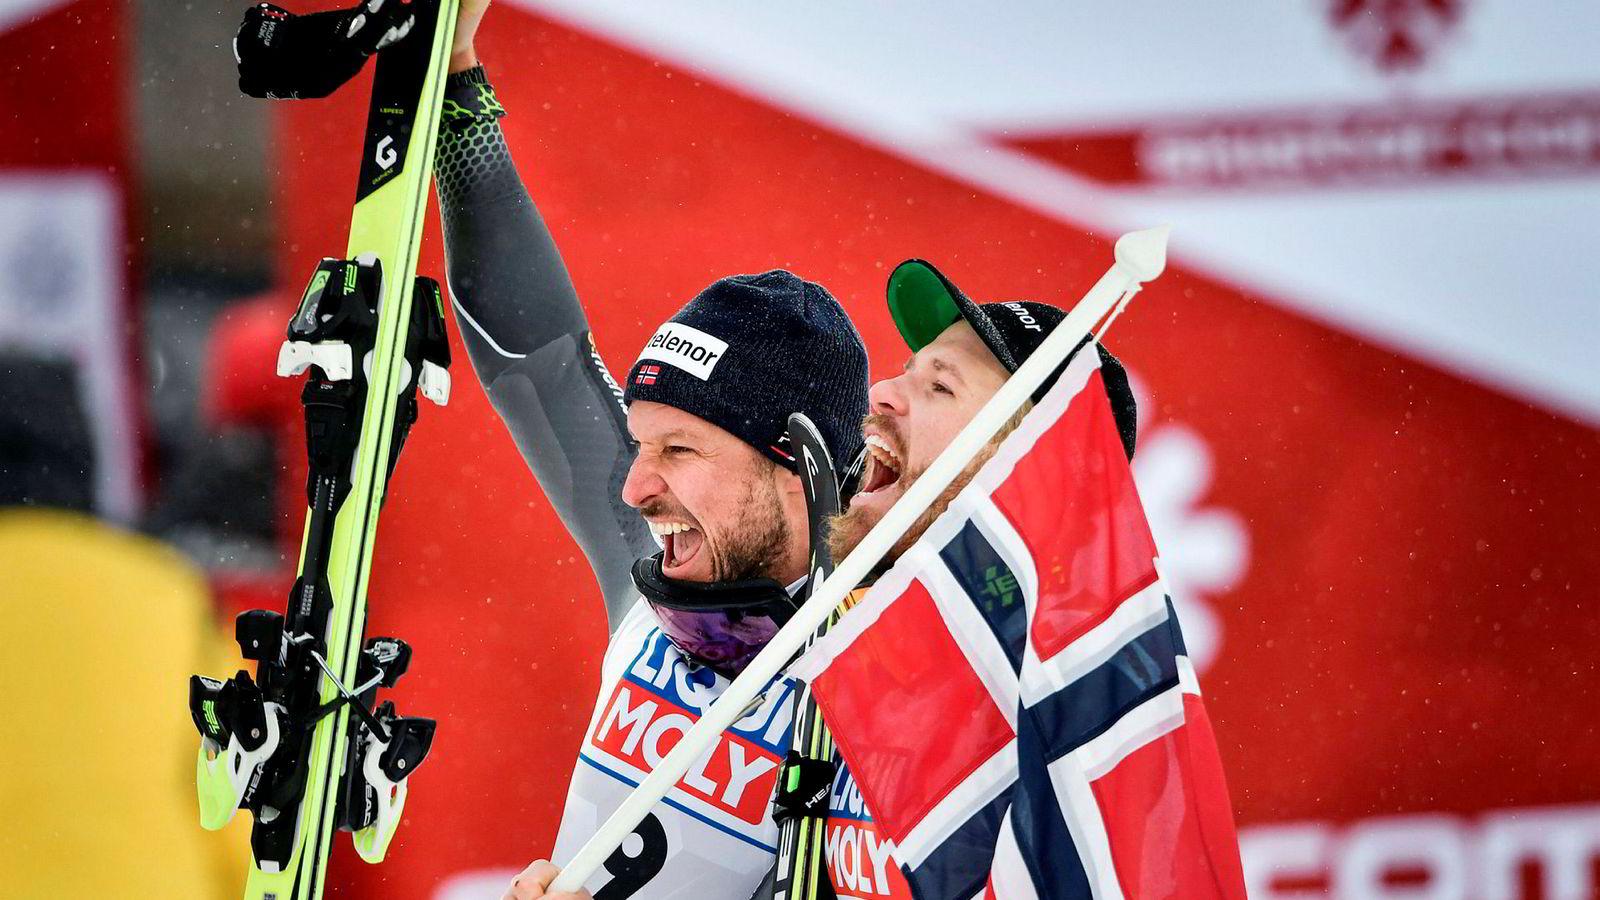 Alpinstjernen Aksel Lund Svindal avsluttet proffkarrieren med en annenplass i verdensmesterskapet i Åre i februar. Foran ham på pallen var tronarvingen Kjetil Jansrud (til høyre).